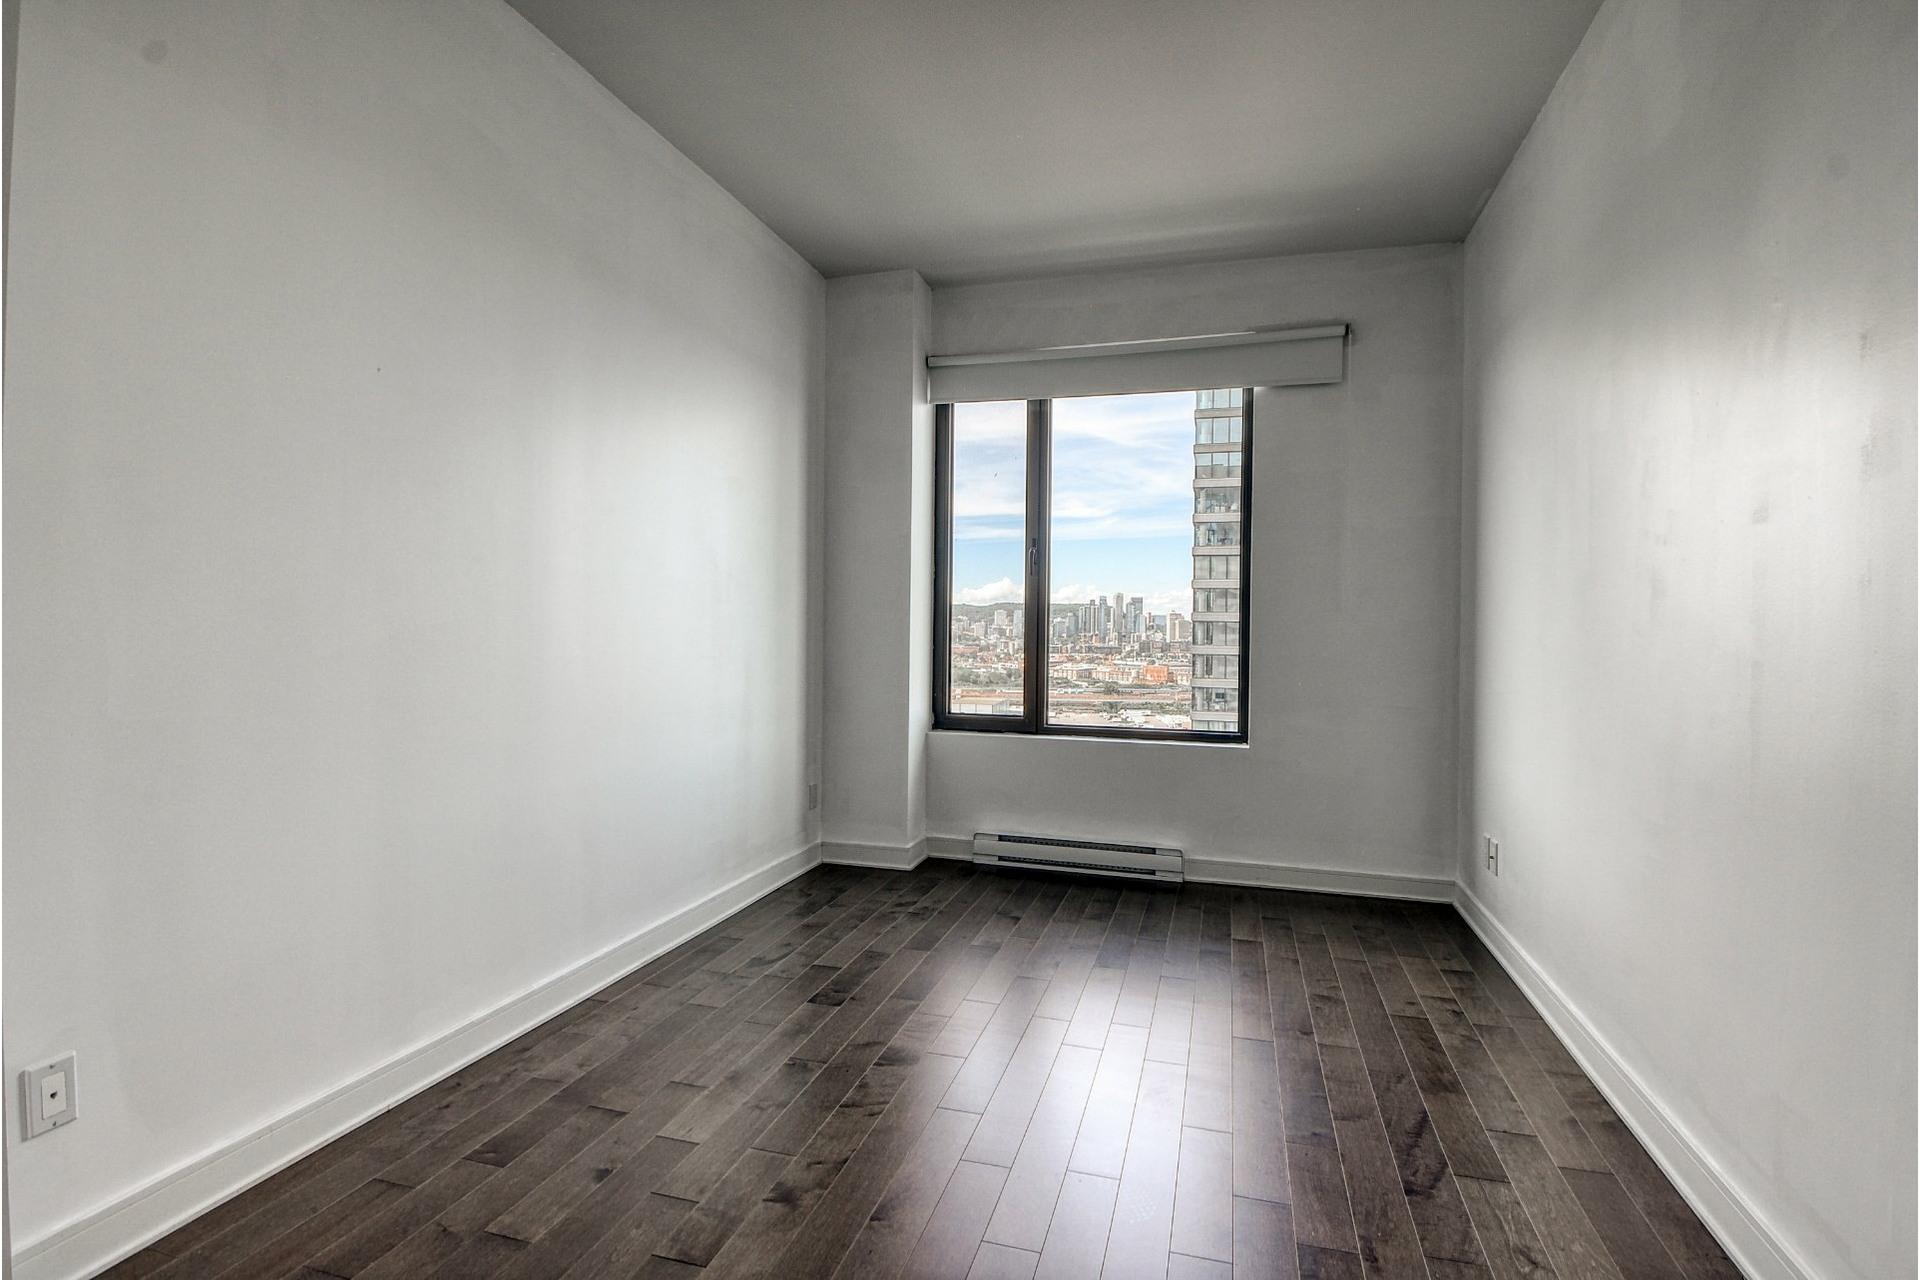 image 19 - Apartment For rent Verdun/Île-des-Soeurs Montréal  - 6 rooms